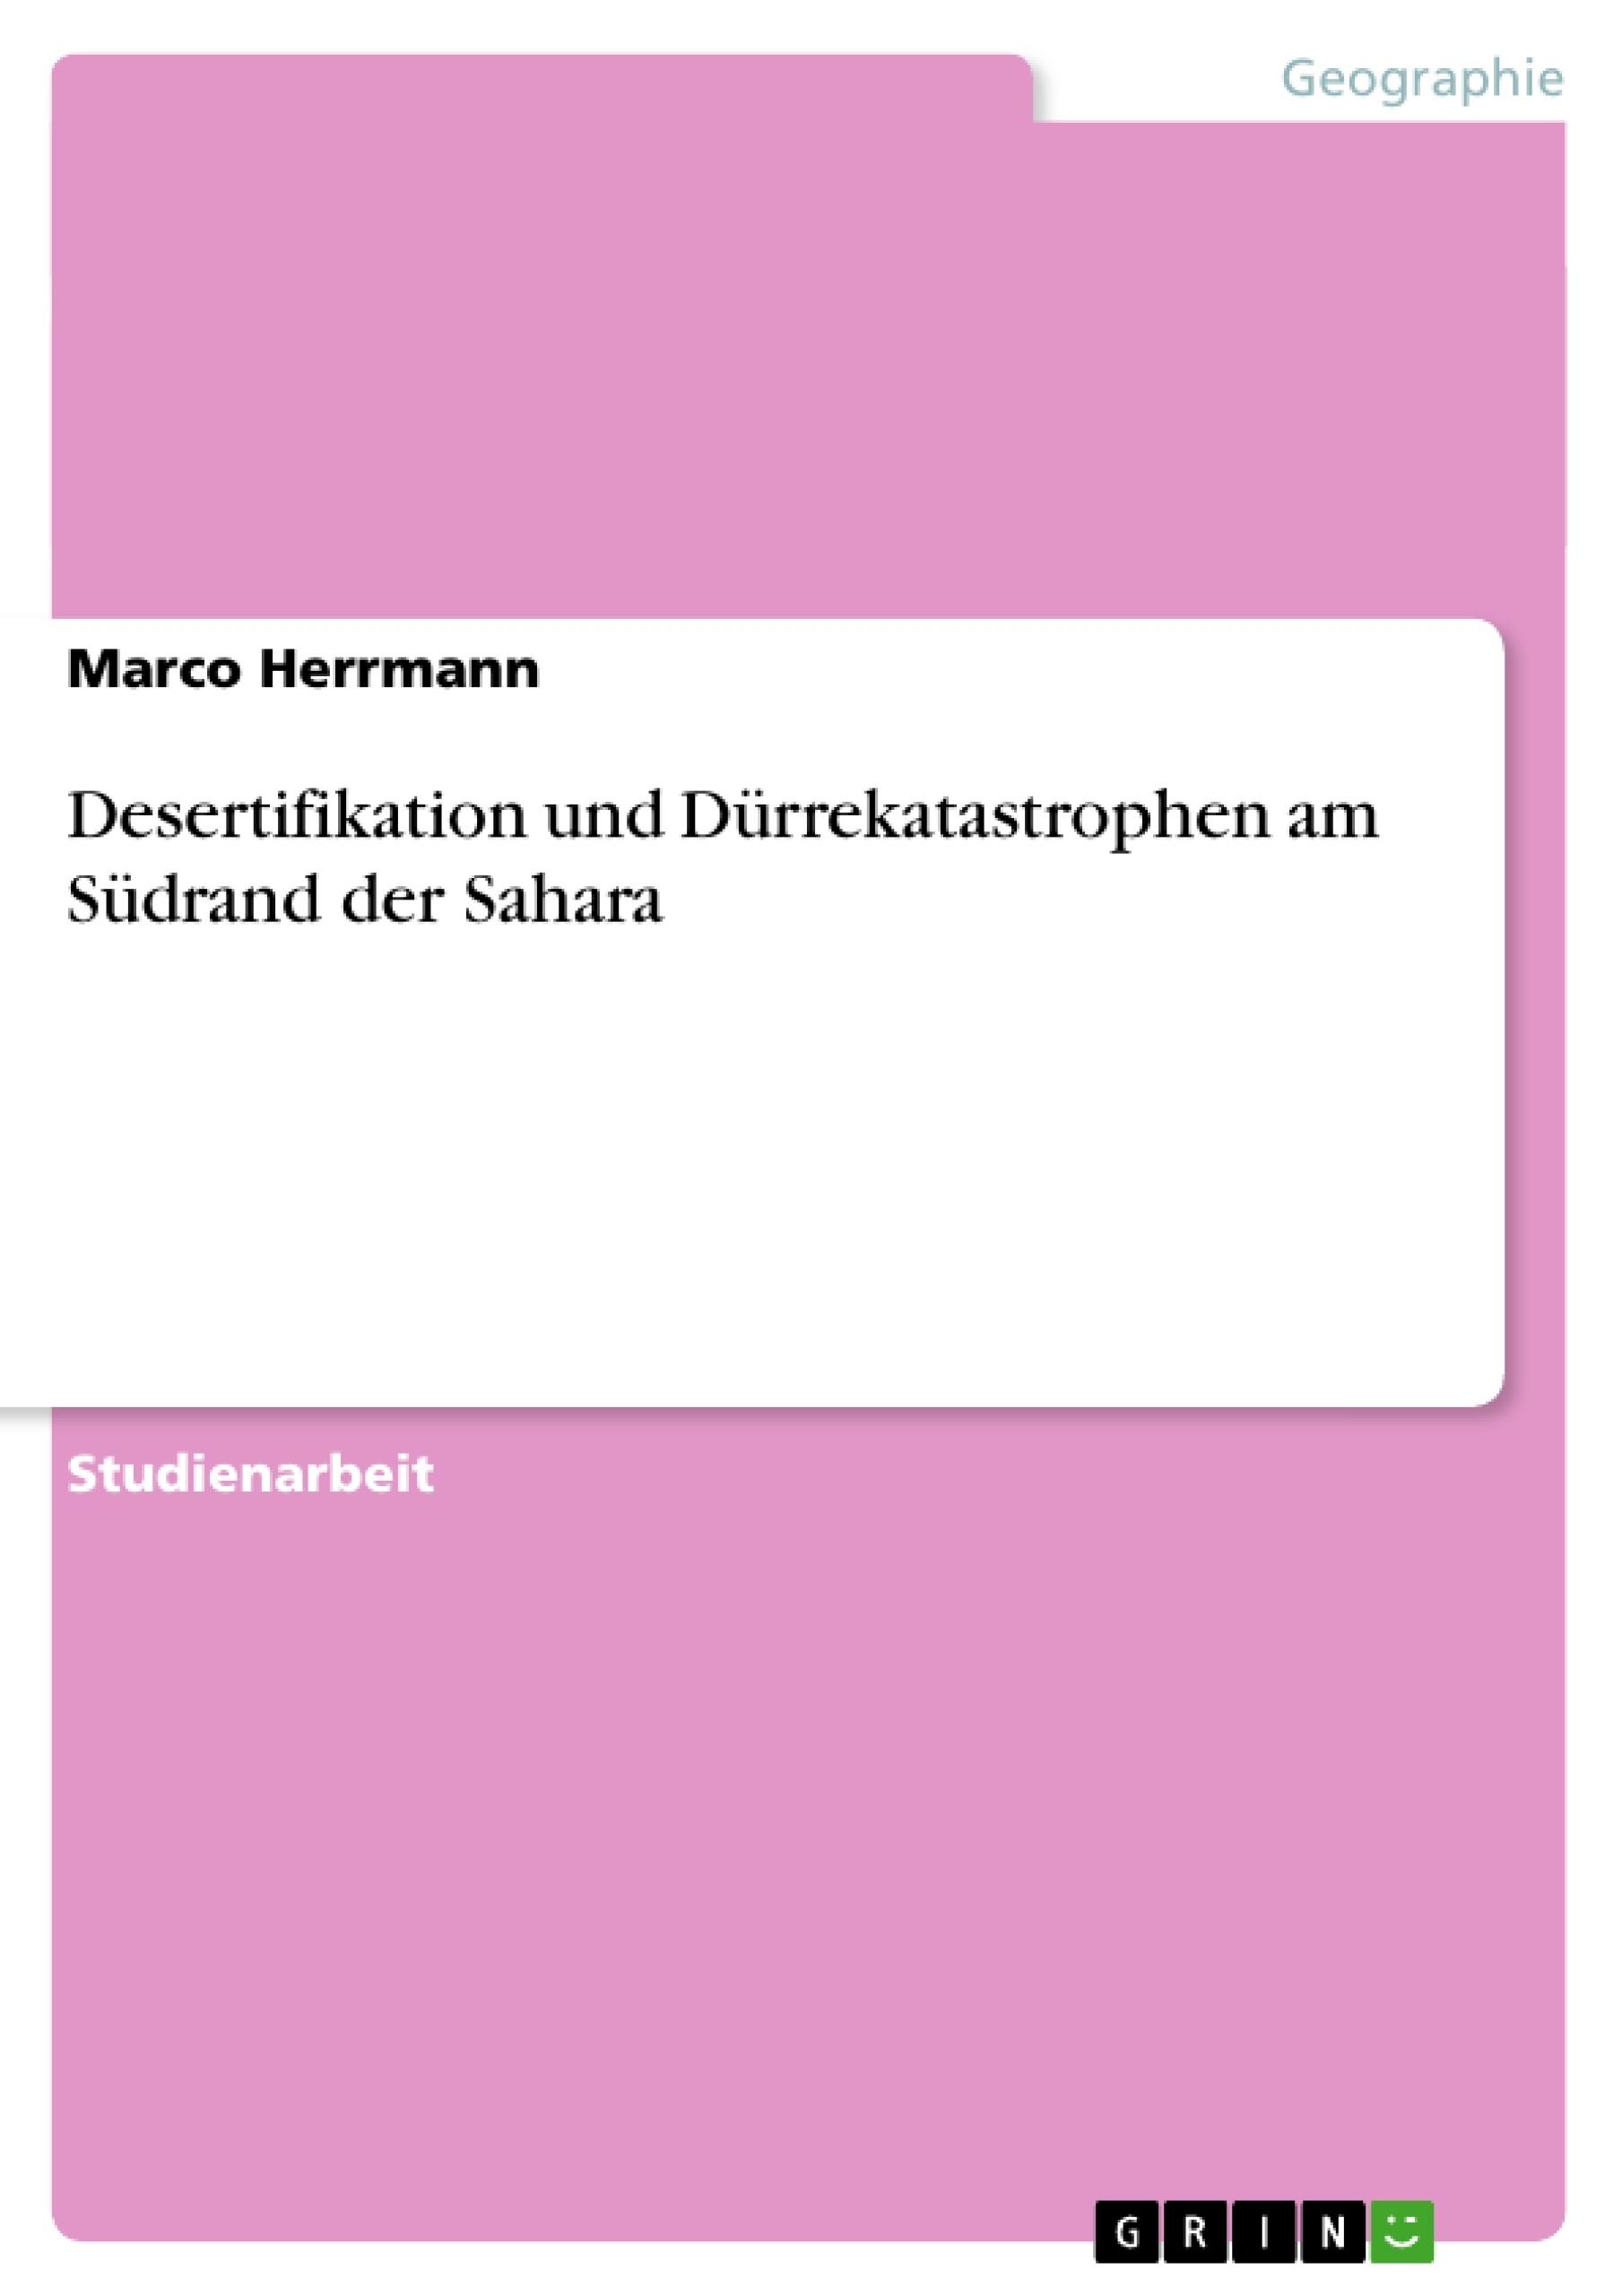 Titel: Desertifikation und Dürrekatastrophen am Südrand der Sahara